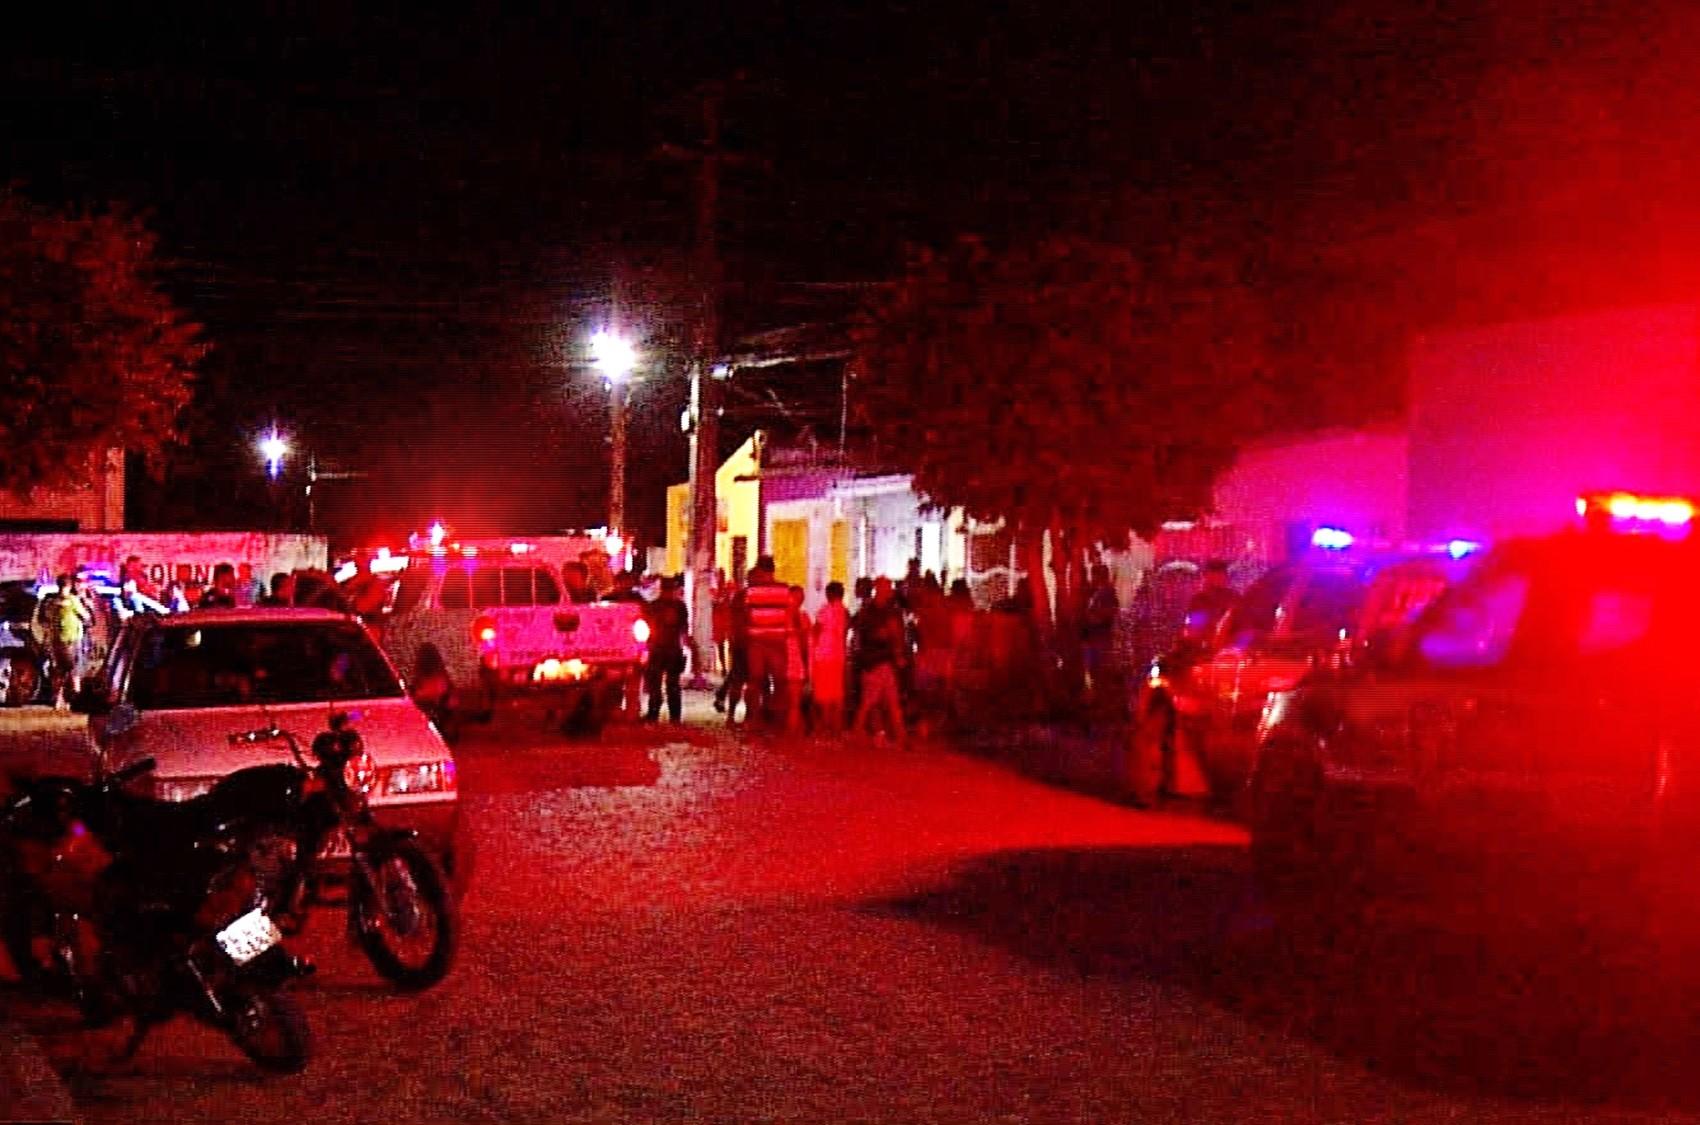 Filha é assassinada e mãe ferida com tiro na cabeça na Grande Natal - Notícias - Plantão Diário